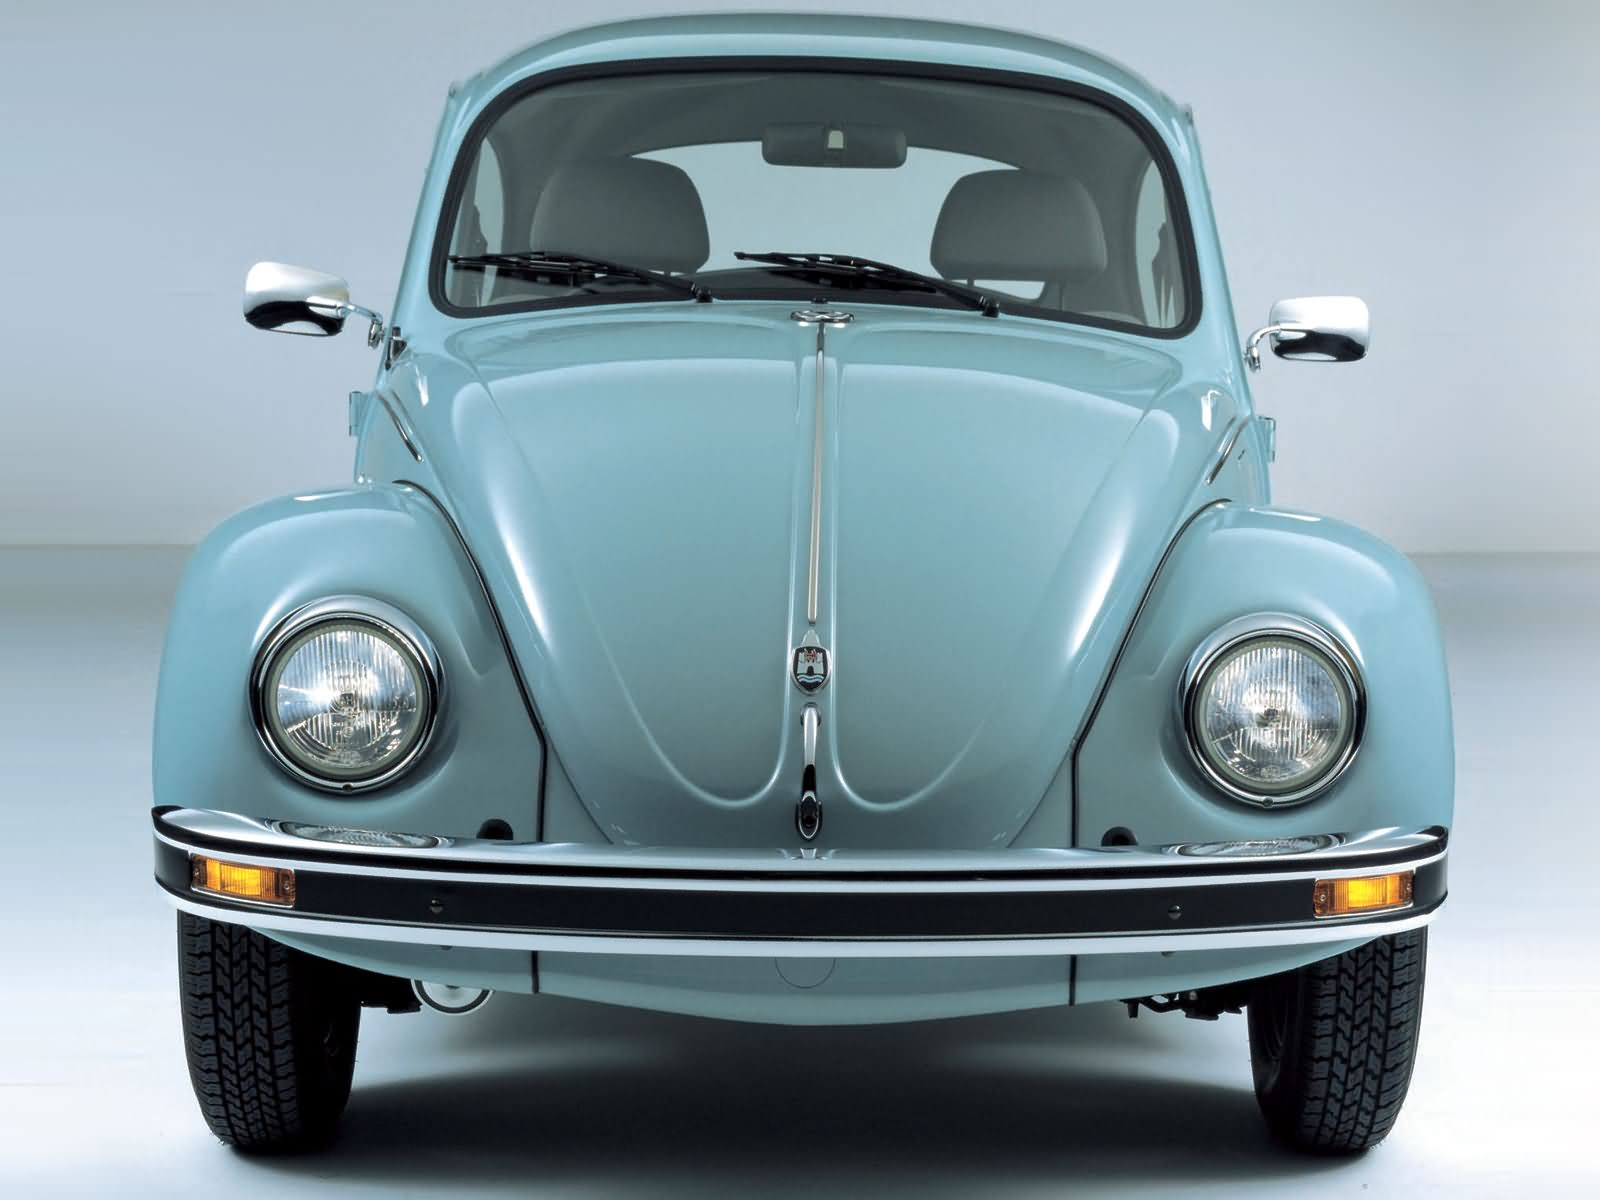 Volkswagen Beetle pict...